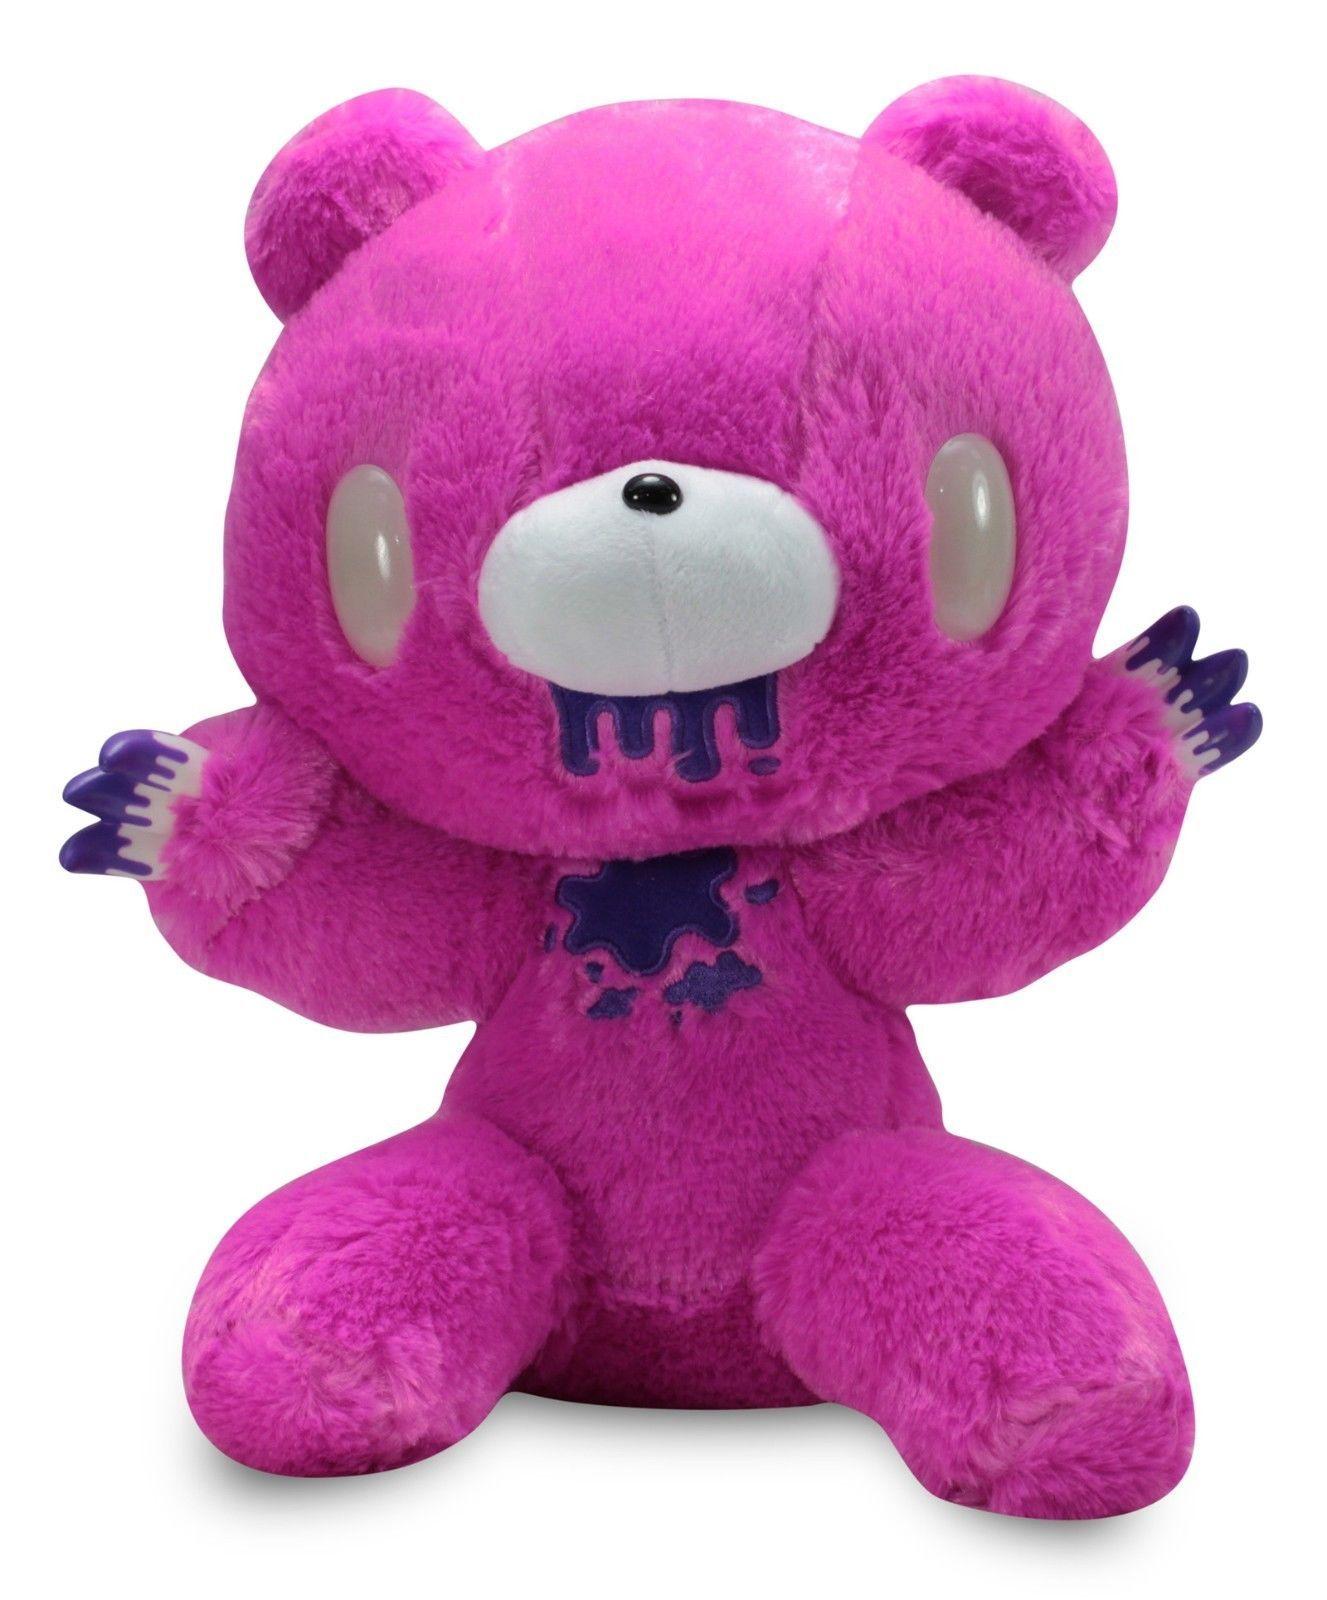 Taito Gloomy Bear Plush Dark Pink Purple 12 Inches